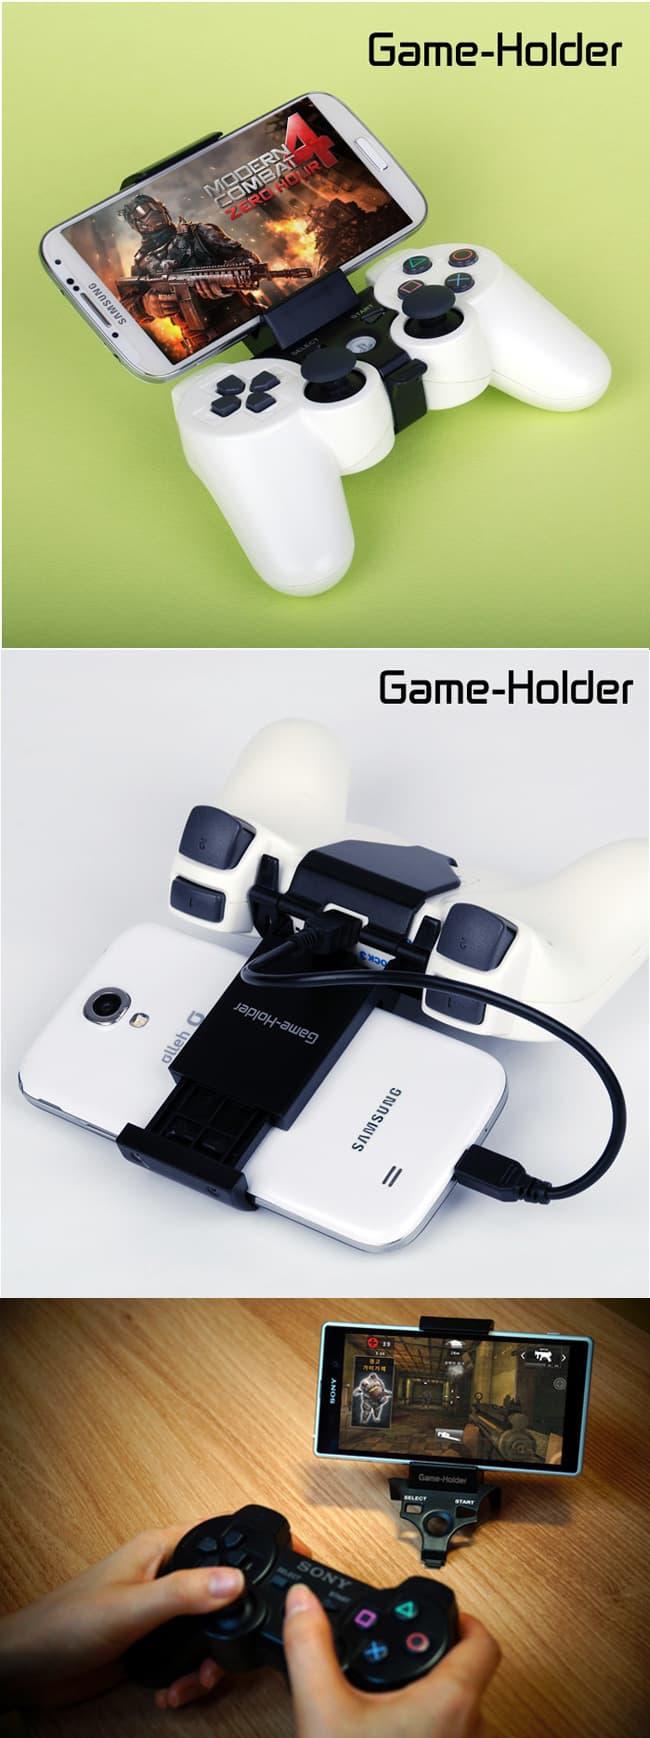 Game-holder-02.jpg